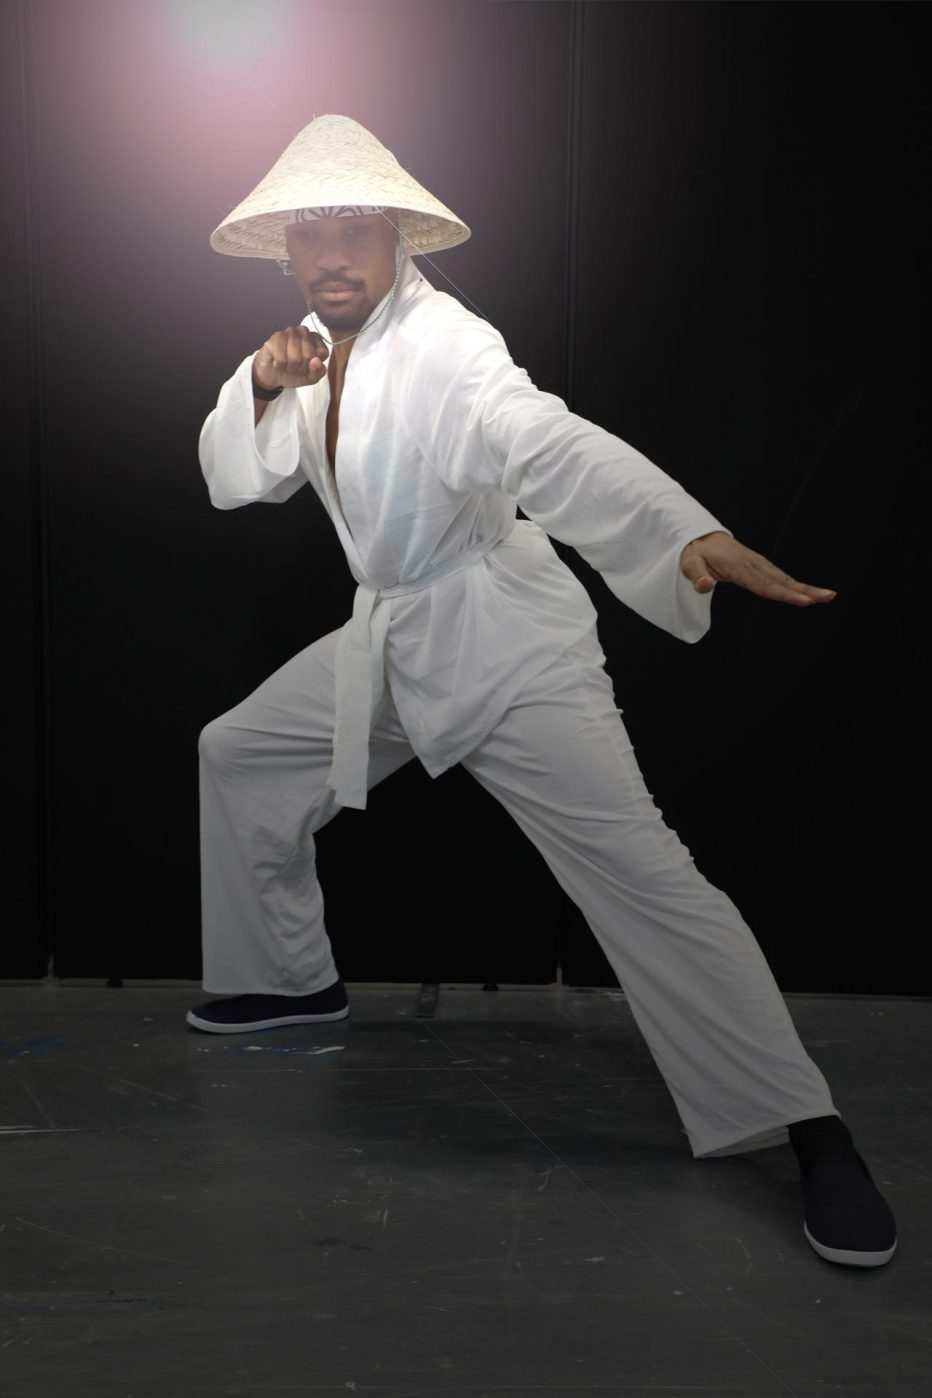 The-Karate-Kid-Cosplay-Gamers-Heroes-8.jpg